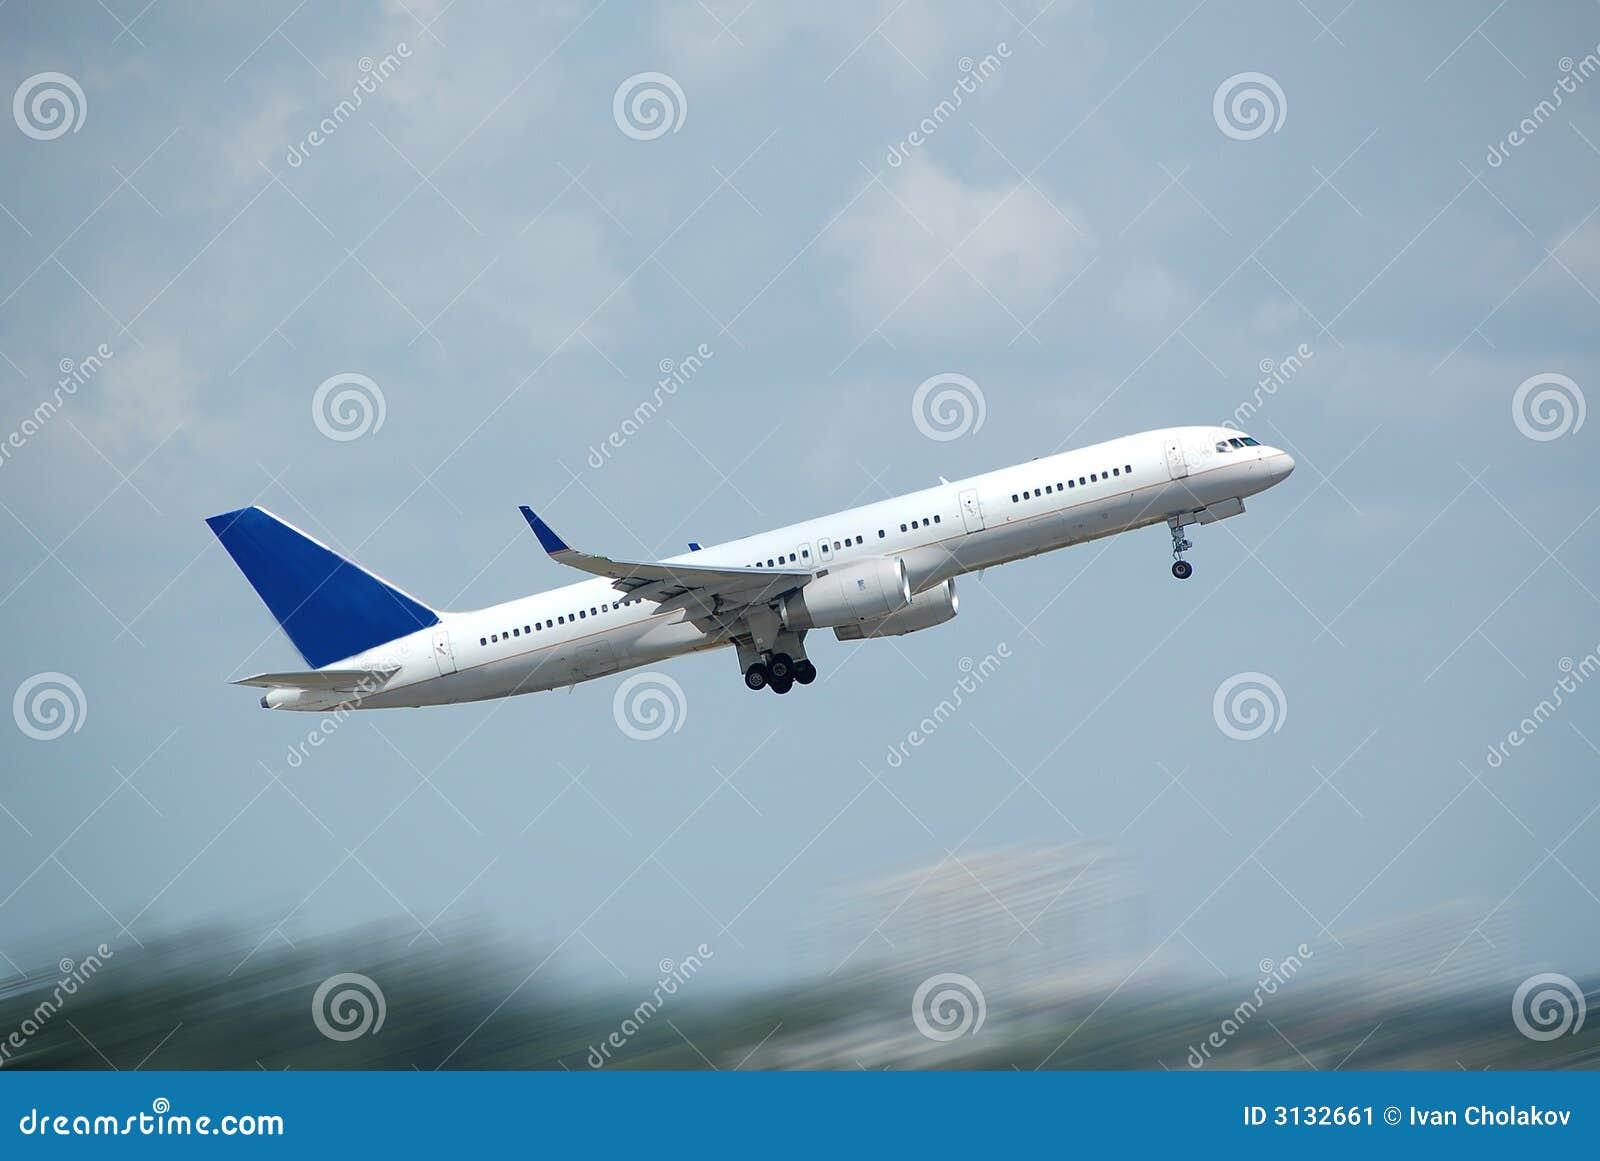 Free Design A Air Plane Program